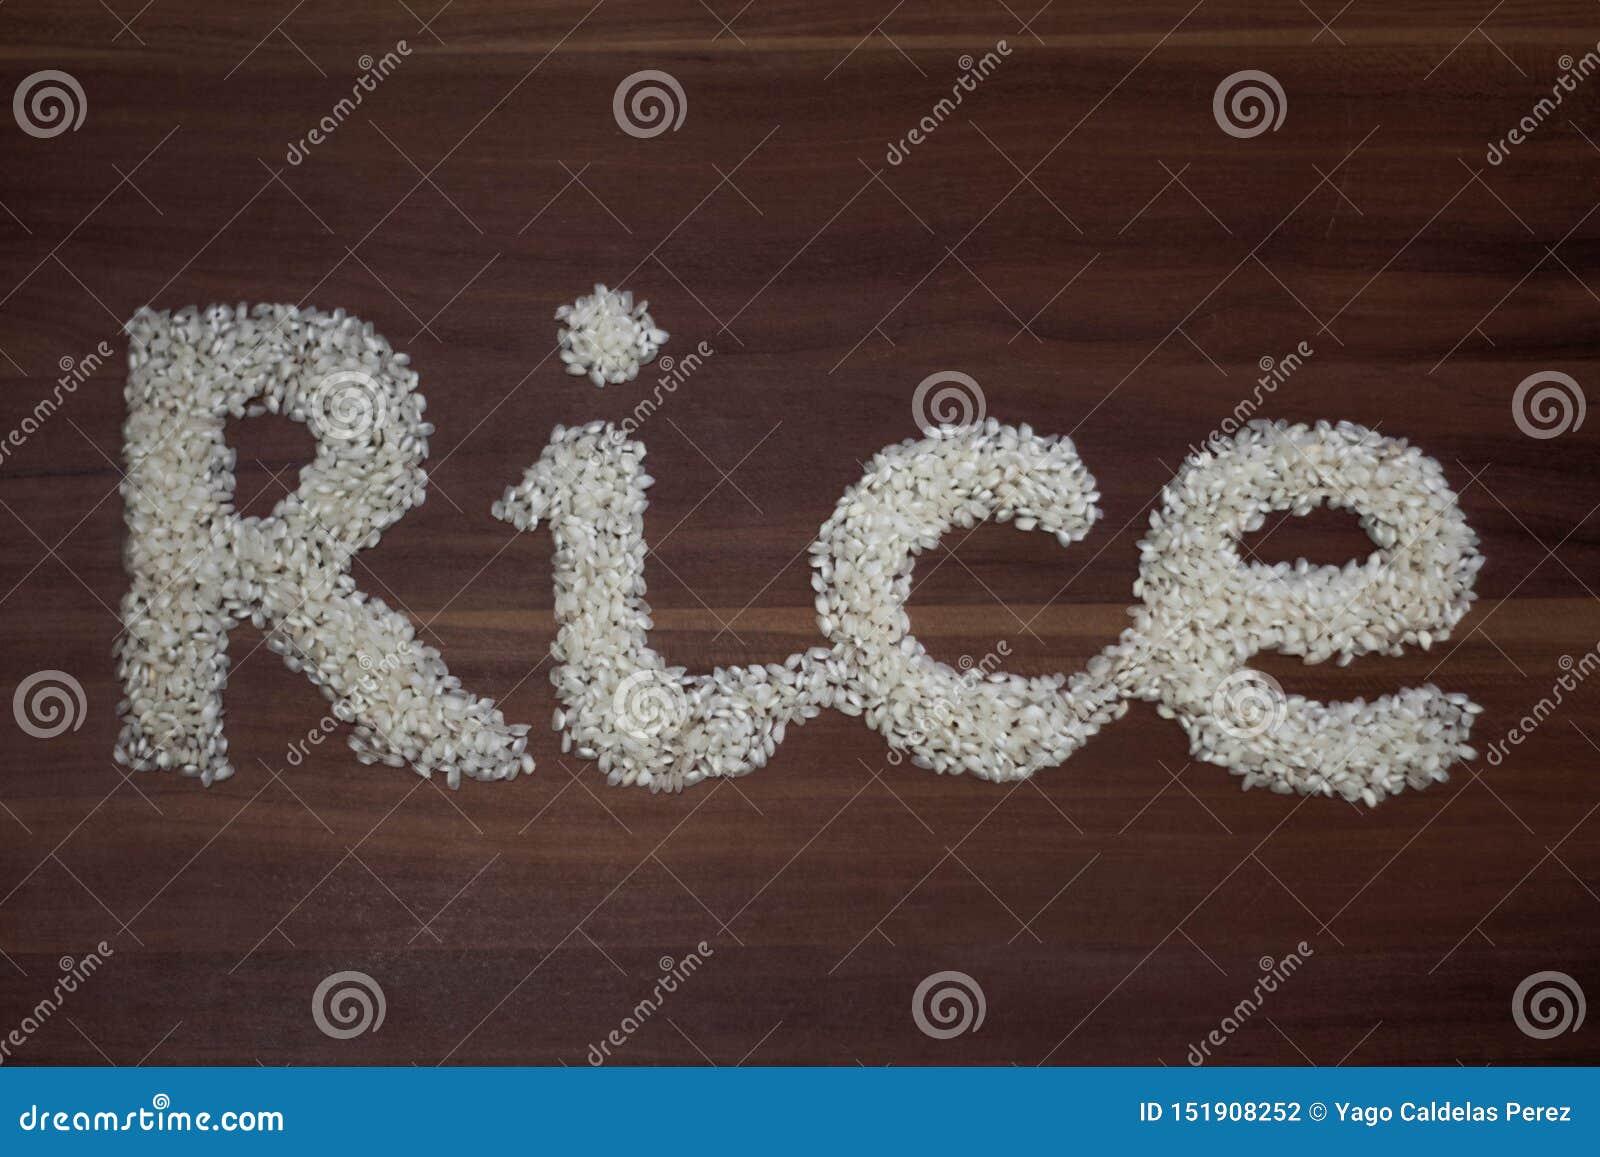 'Reises geschrieben mit Reis